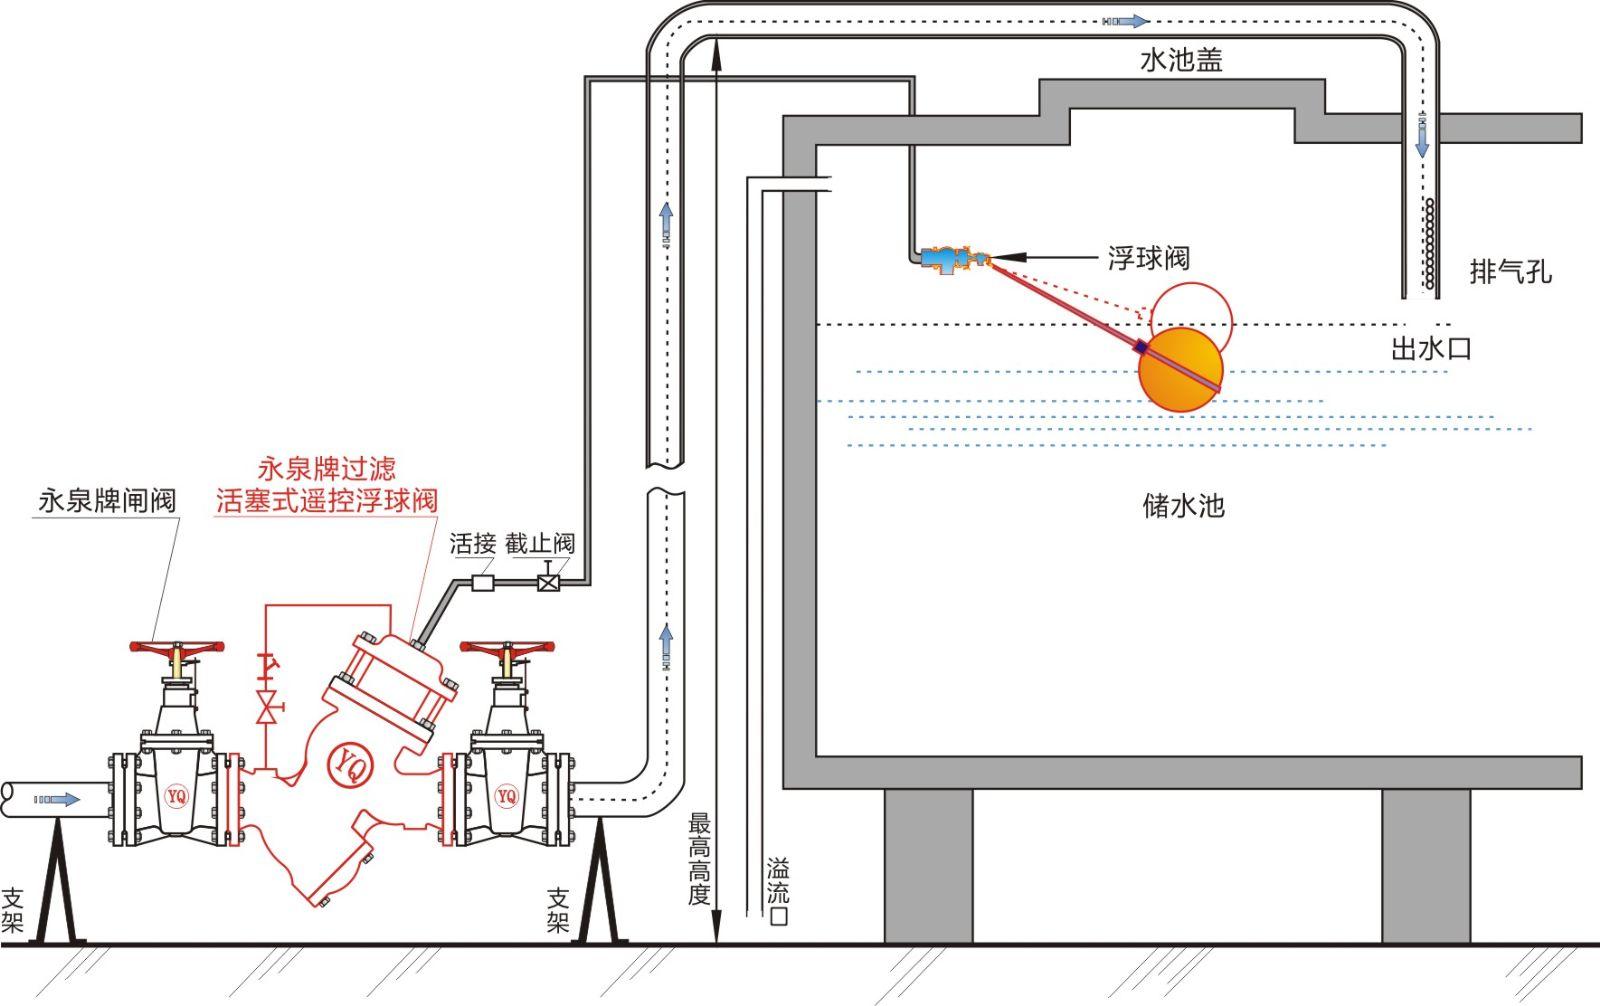 定义:过滤活塞式遥控浮球阀是控制水池液位的水力控制阀,控制水池